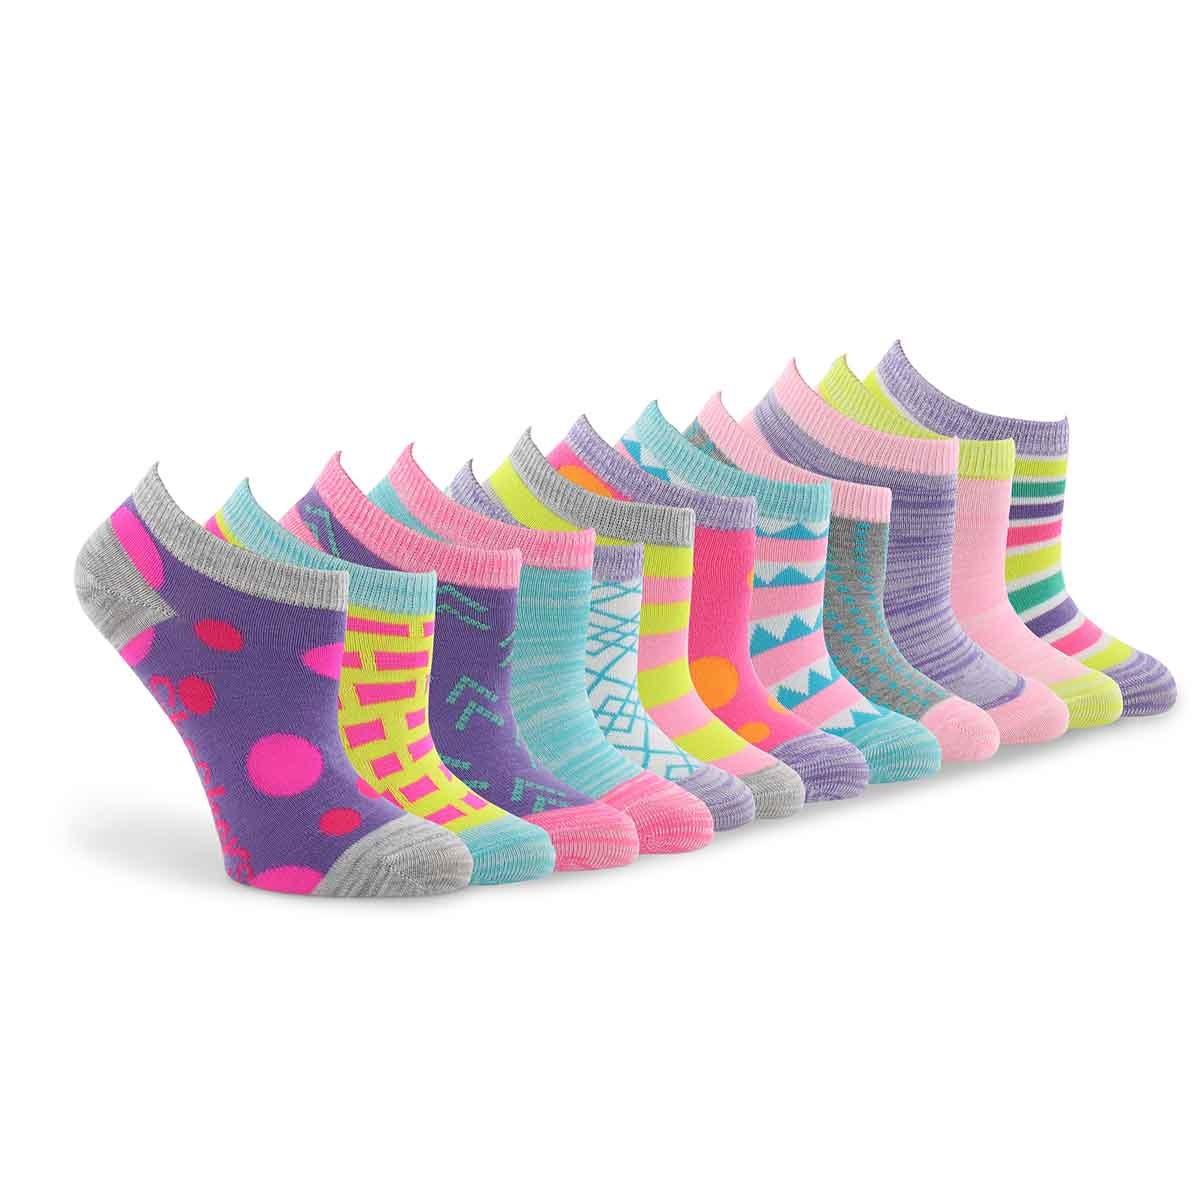 Grls Mix&Match Low Cut MED mlti sock 6pk